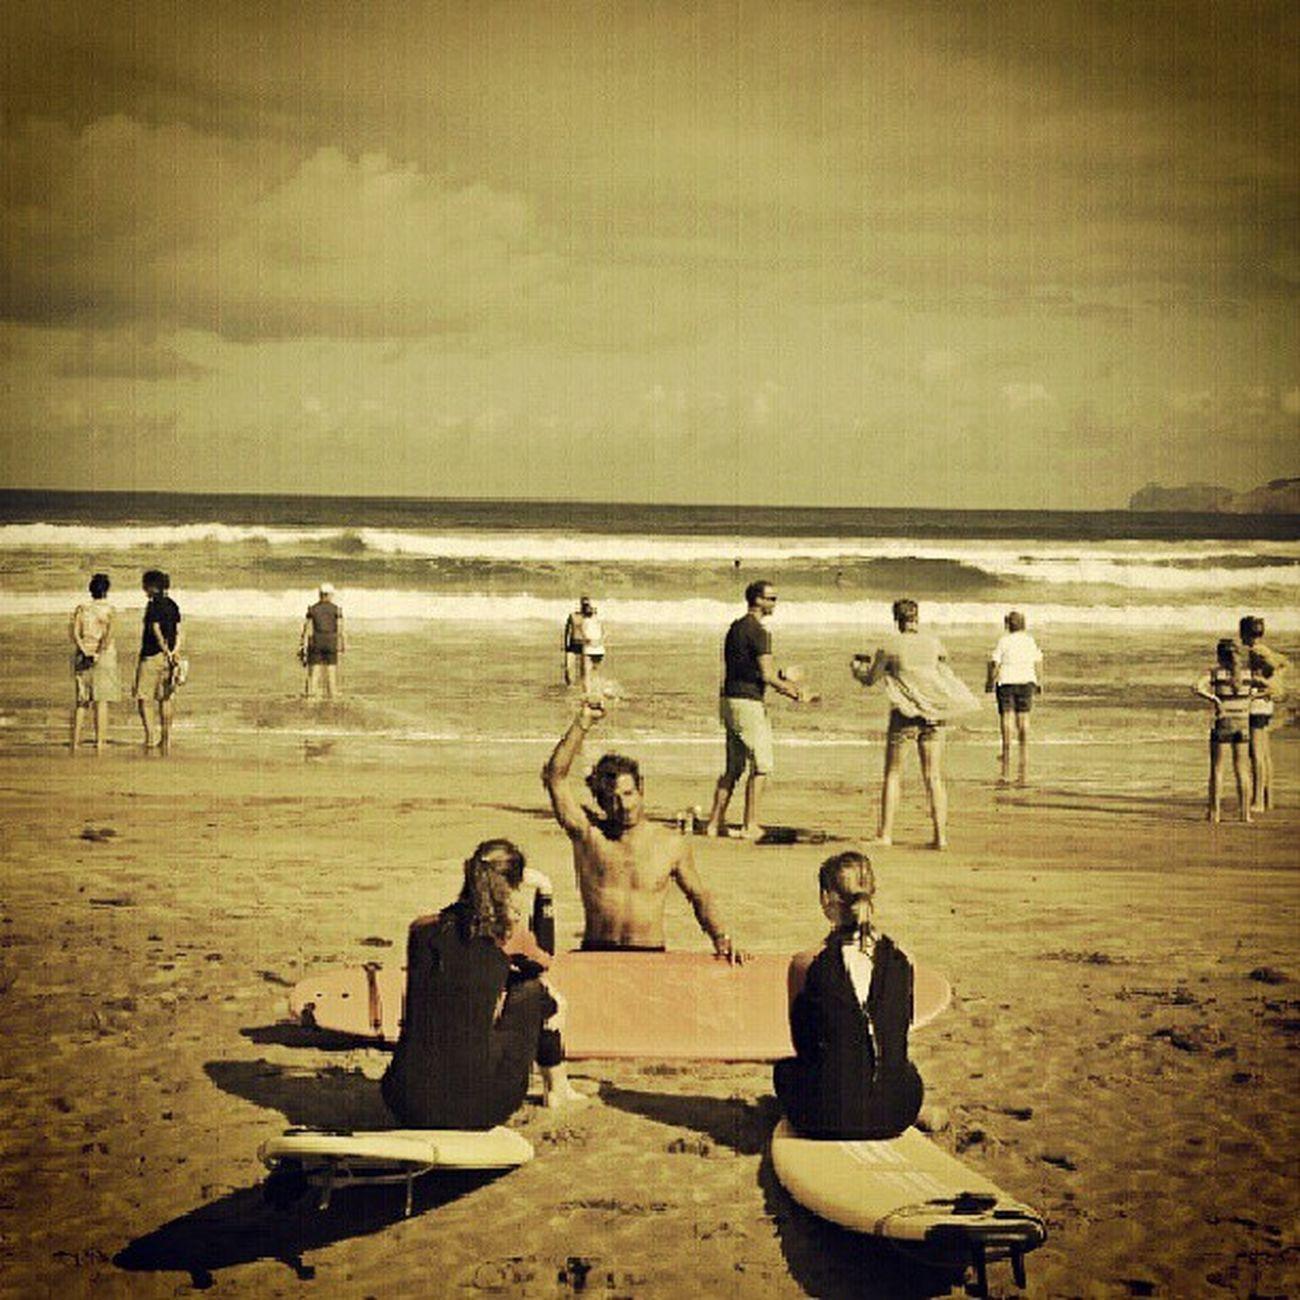 Deespaldasgrafias_canarias Canariasgrafias Dreamsgramcanvas Deespaldasgrafias canariasviva